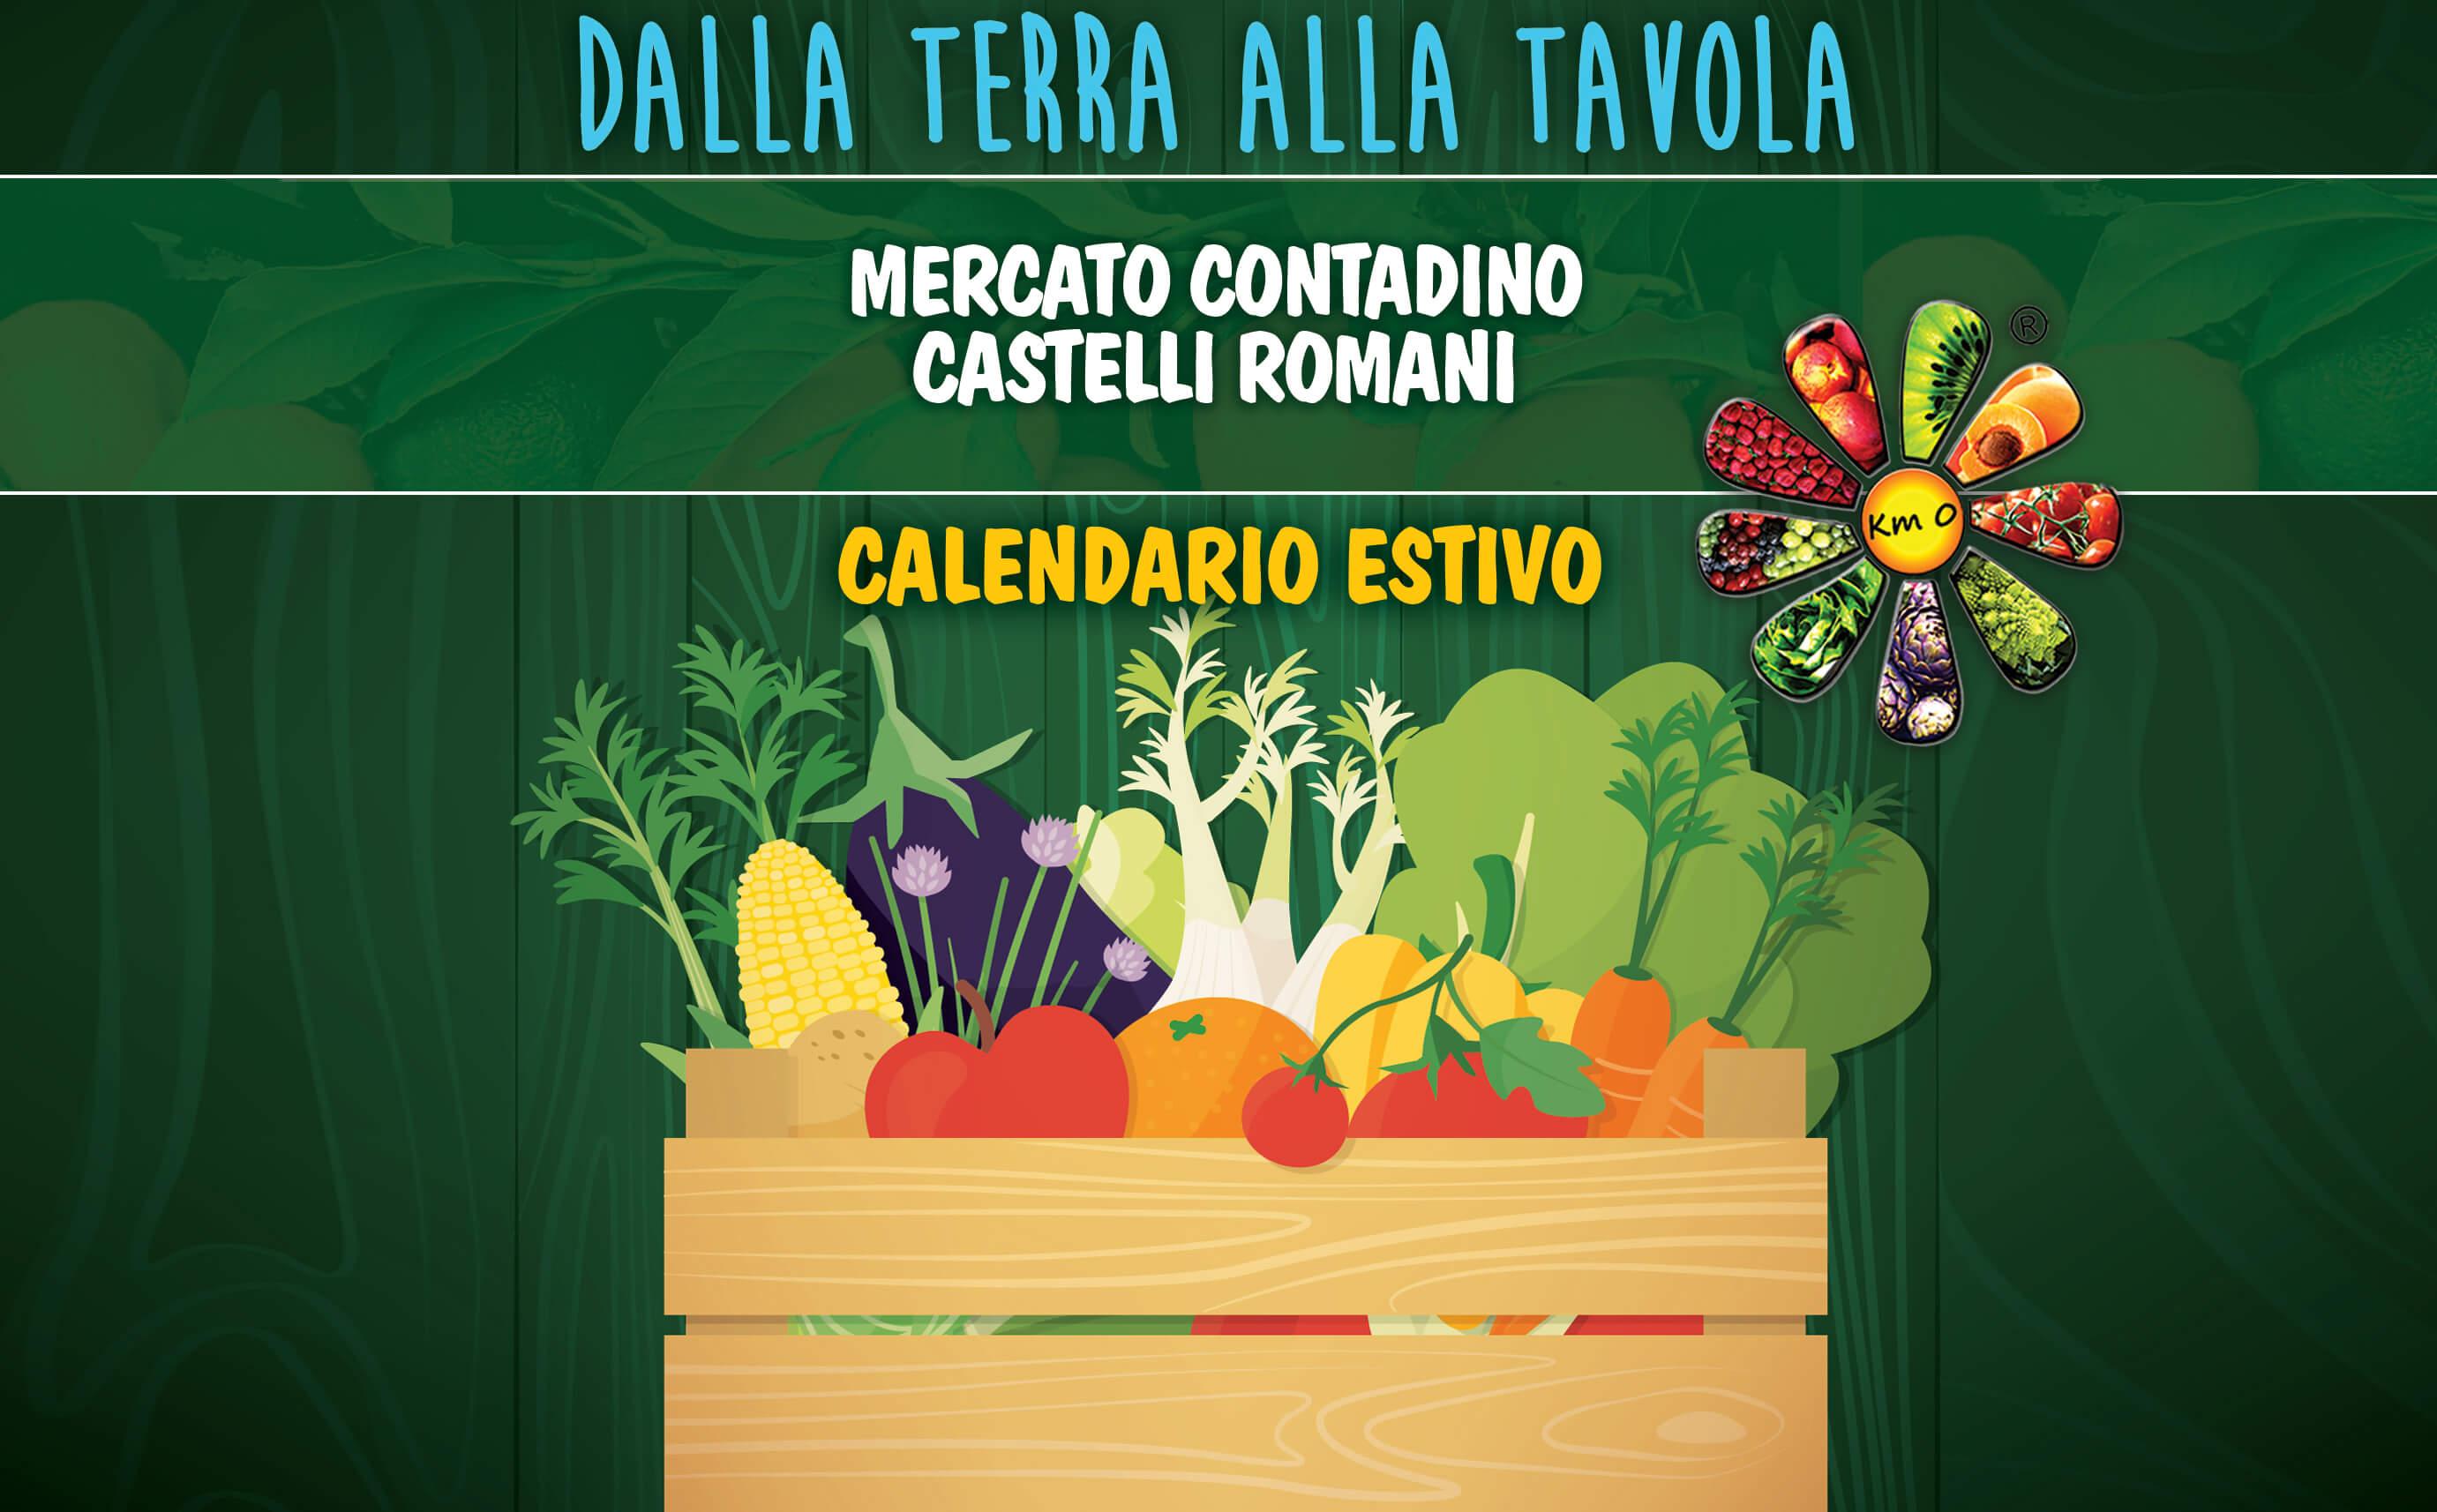 aperti ferie calendario estivo mercato contadino